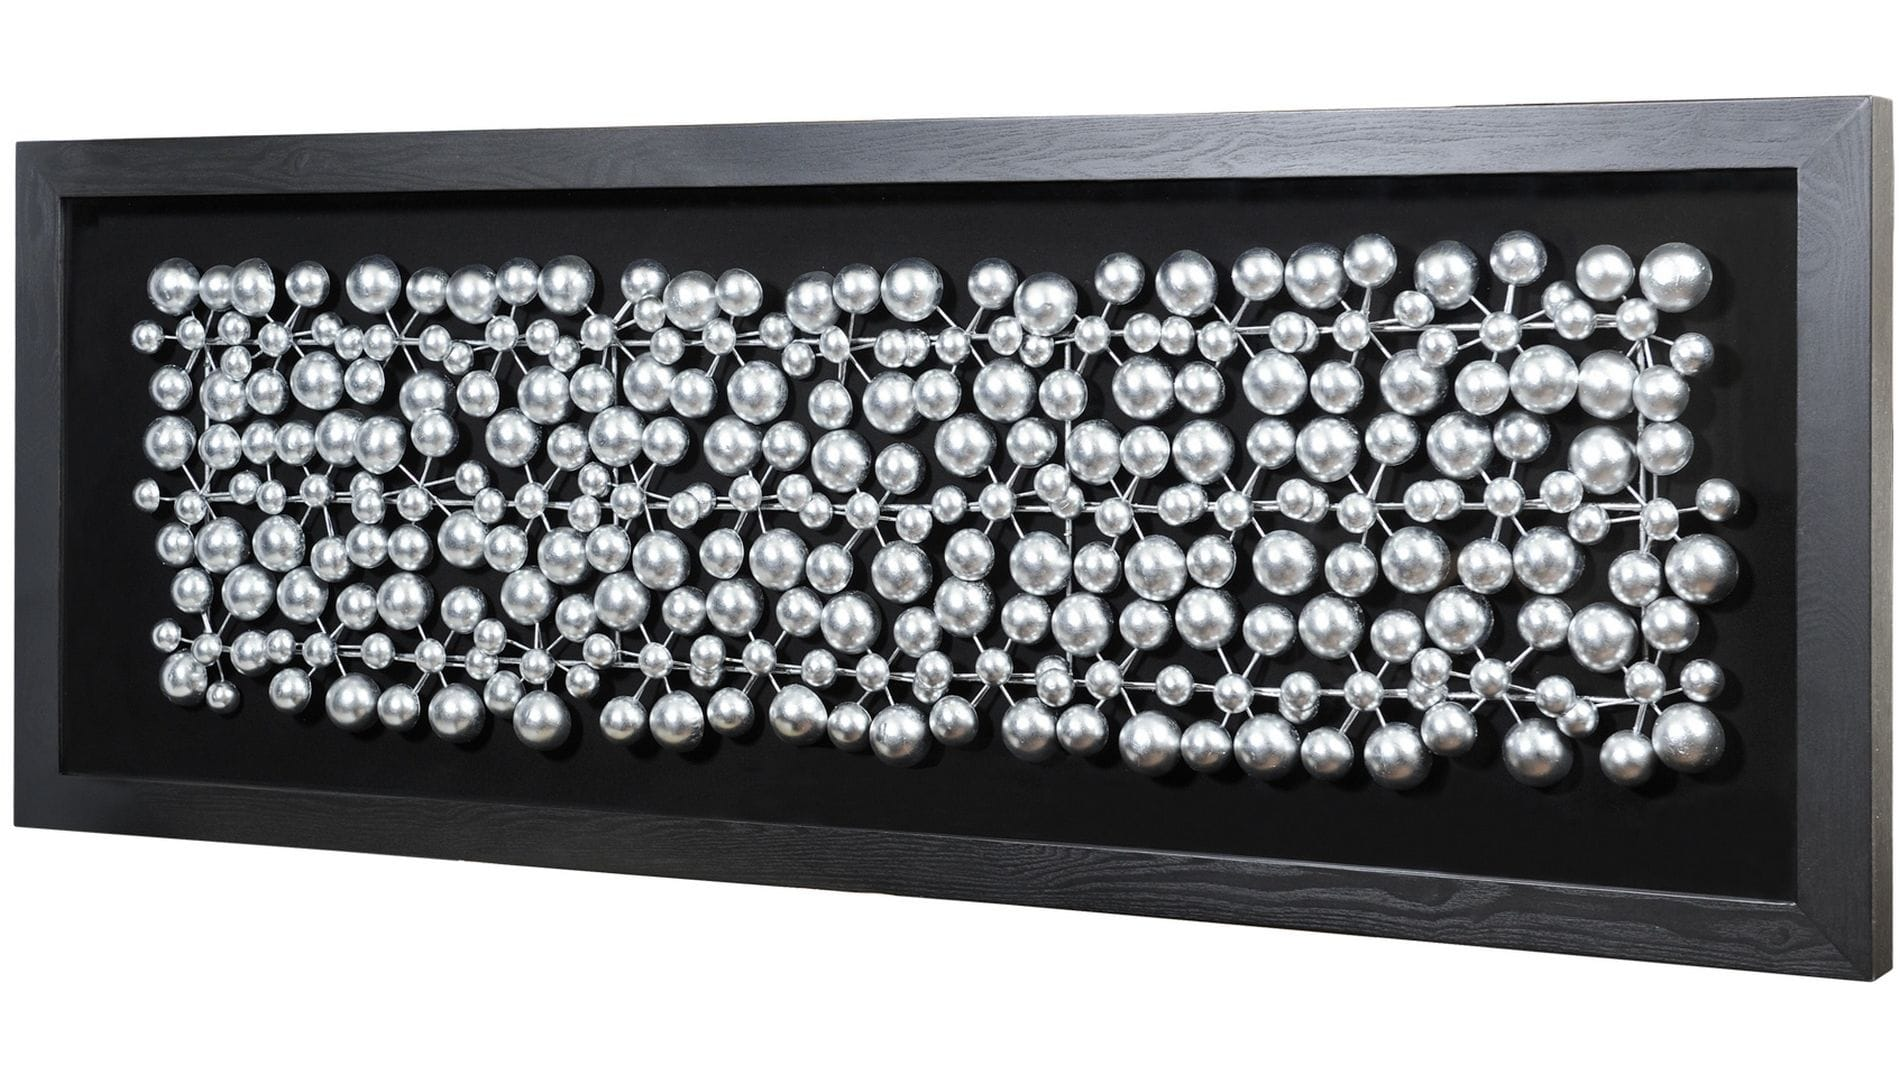 """Панно для декорирования стен """" Молекулы """" 160*60 см."""